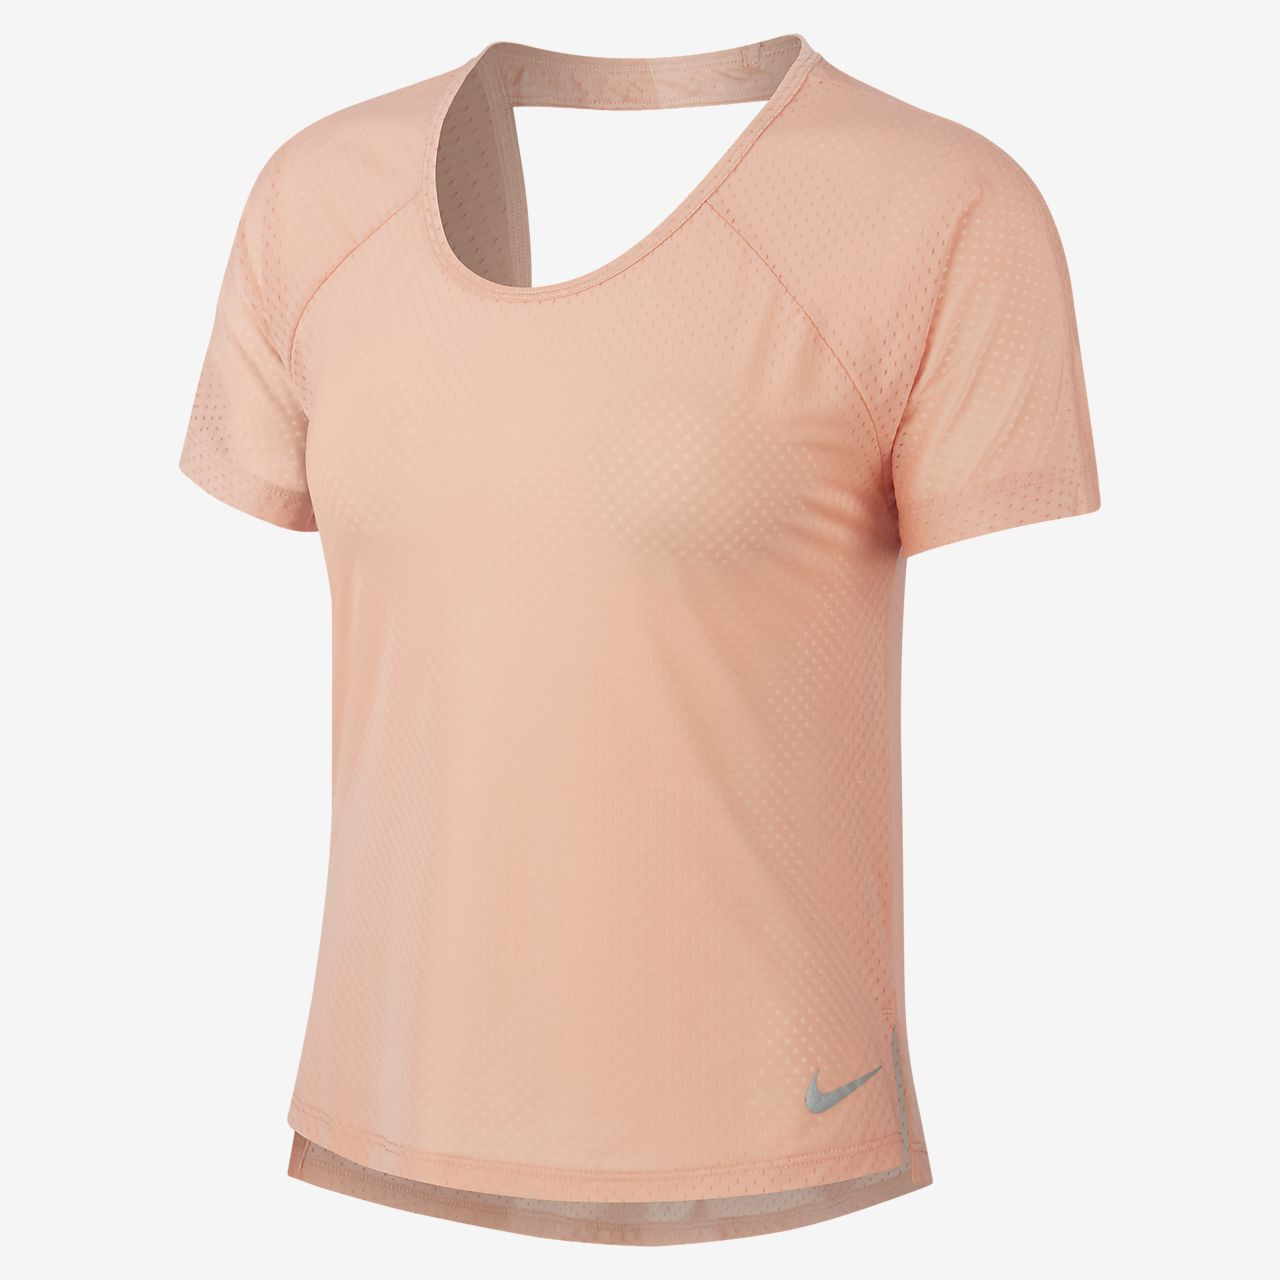 Γυναικεία μπλούζα για τρέξιμο Nike Breathe Miler